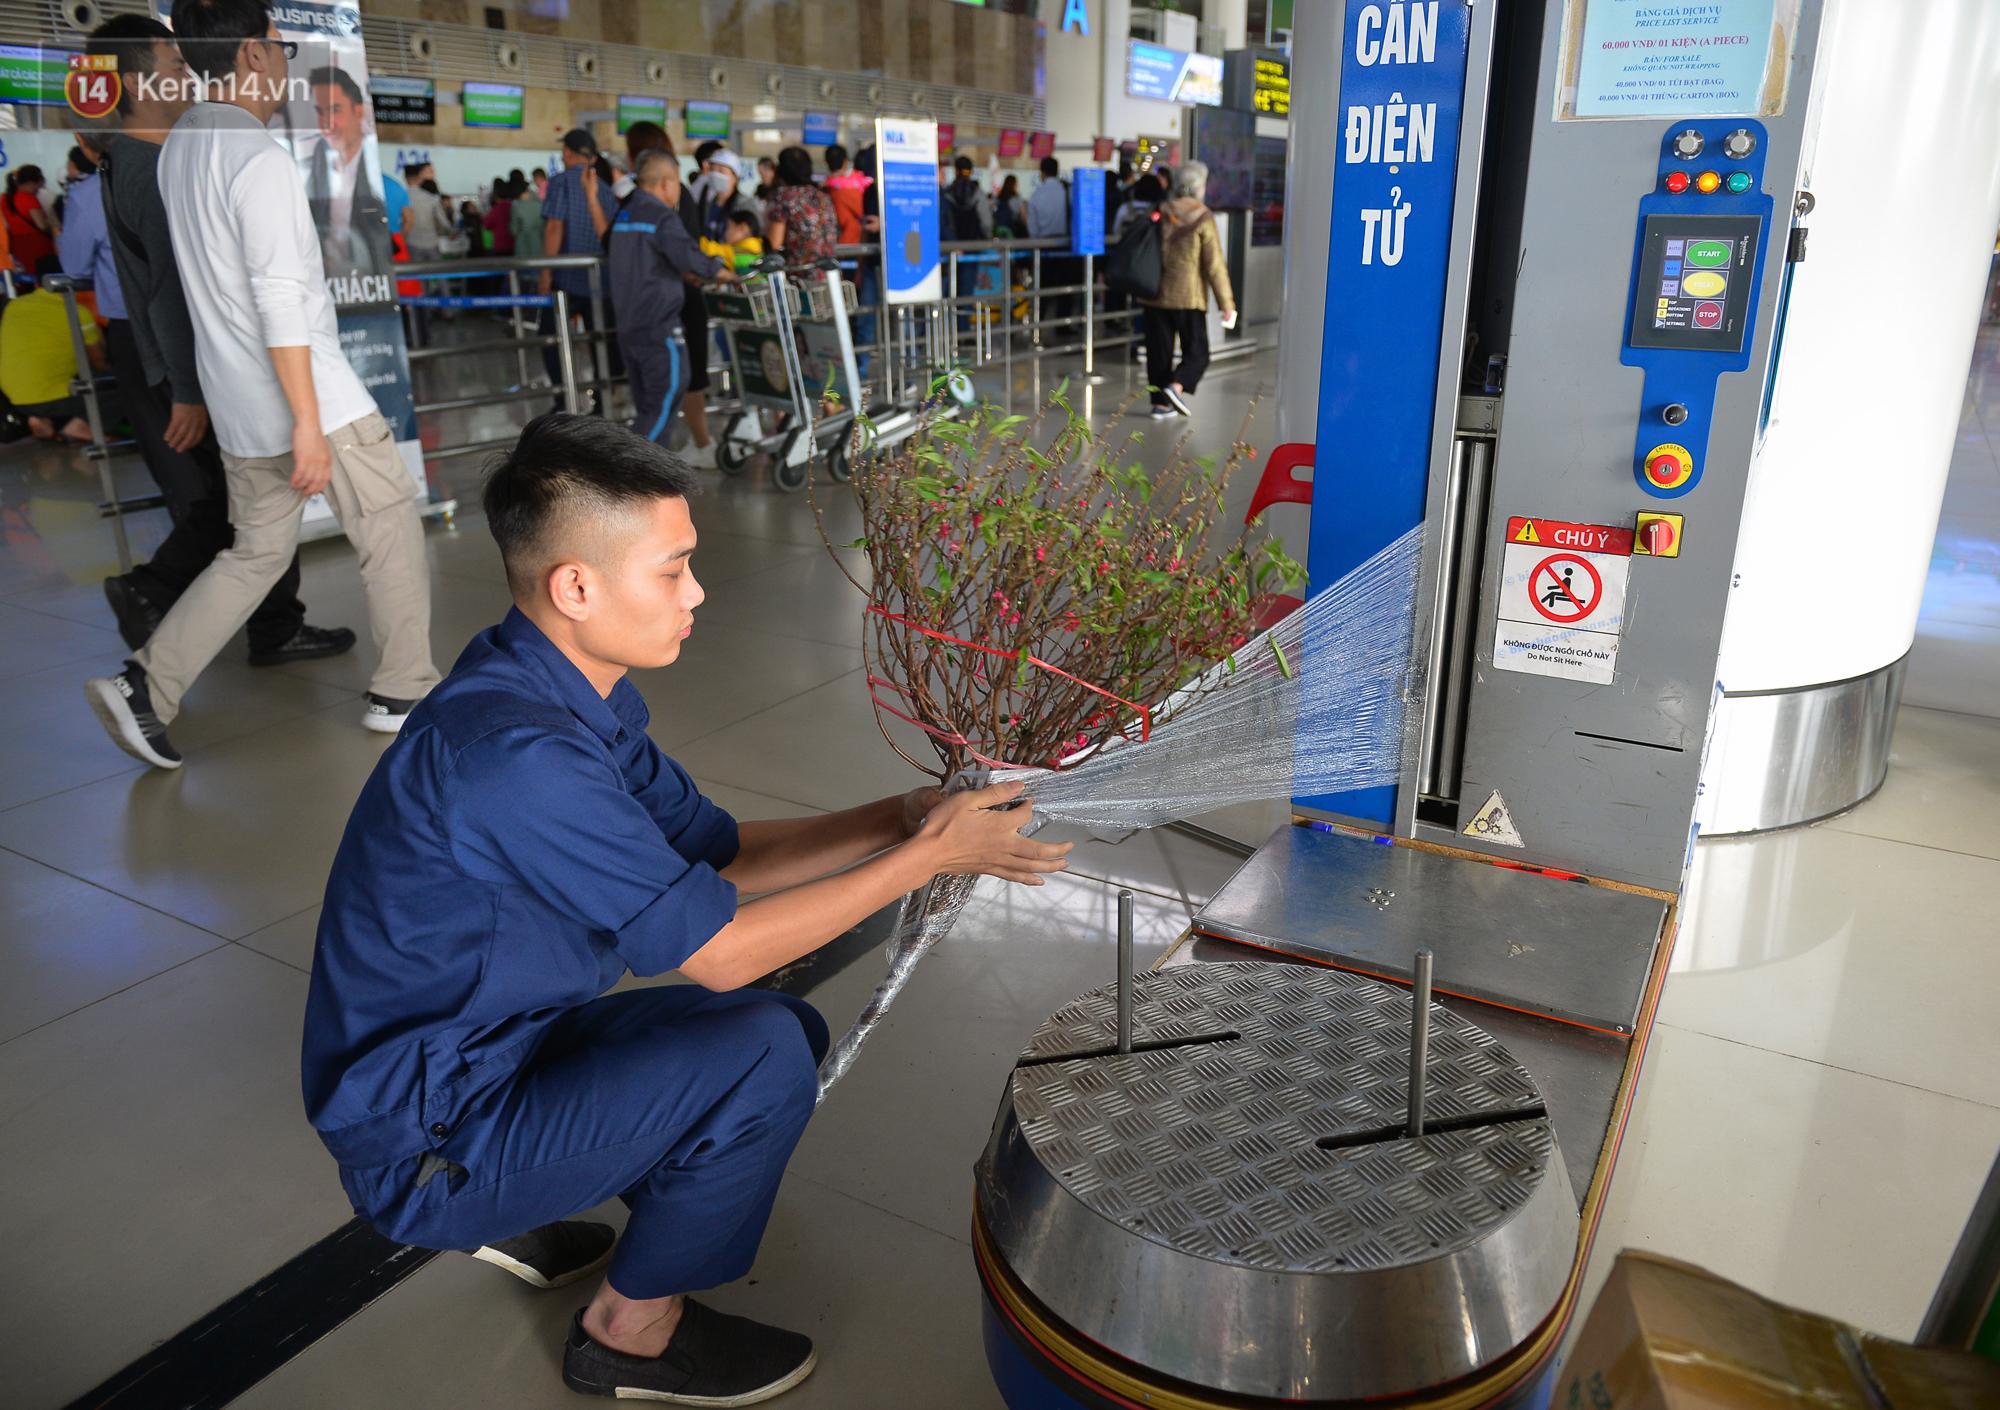 Ảnh: Sân bay Nội Bài vắng vẻ cận Tết Nguyên Đán, khác hẳn cảnh tượng đông đúc mọi năm - Ảnh 4.